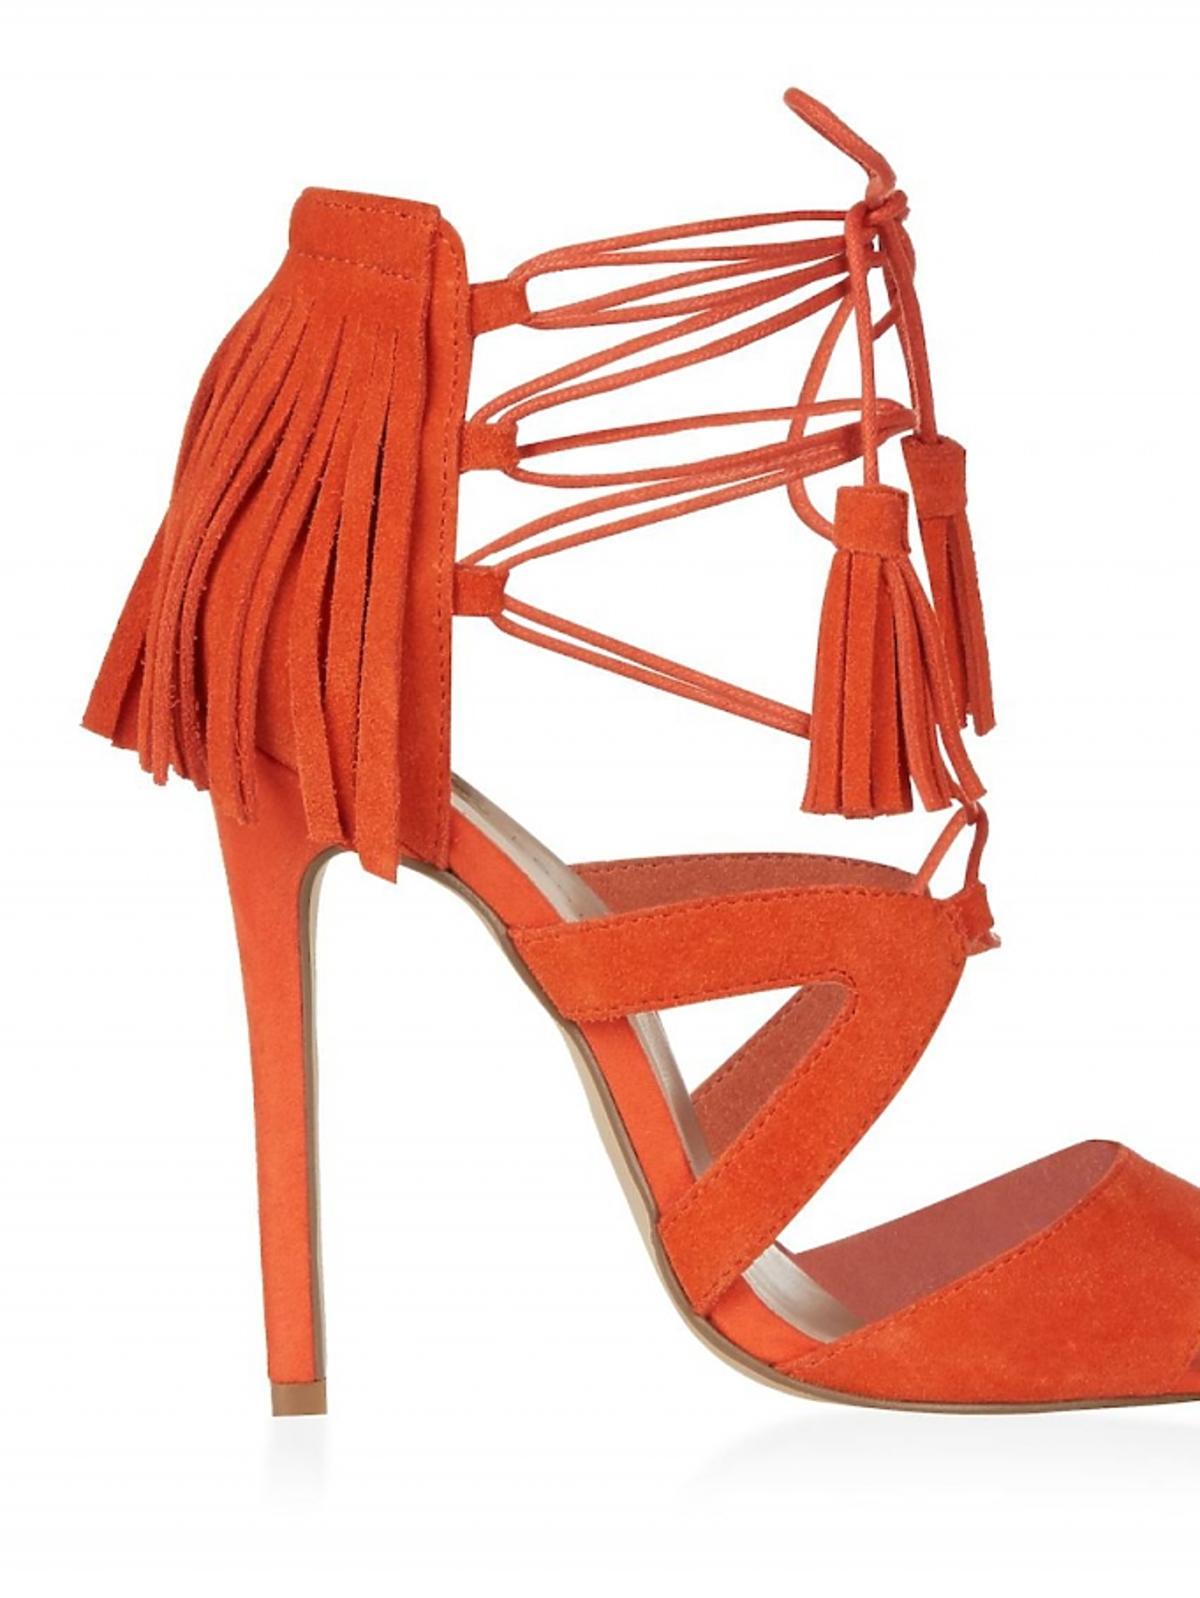 Etniczne sandałki w intensywnym odcieniu oranżu od New Look